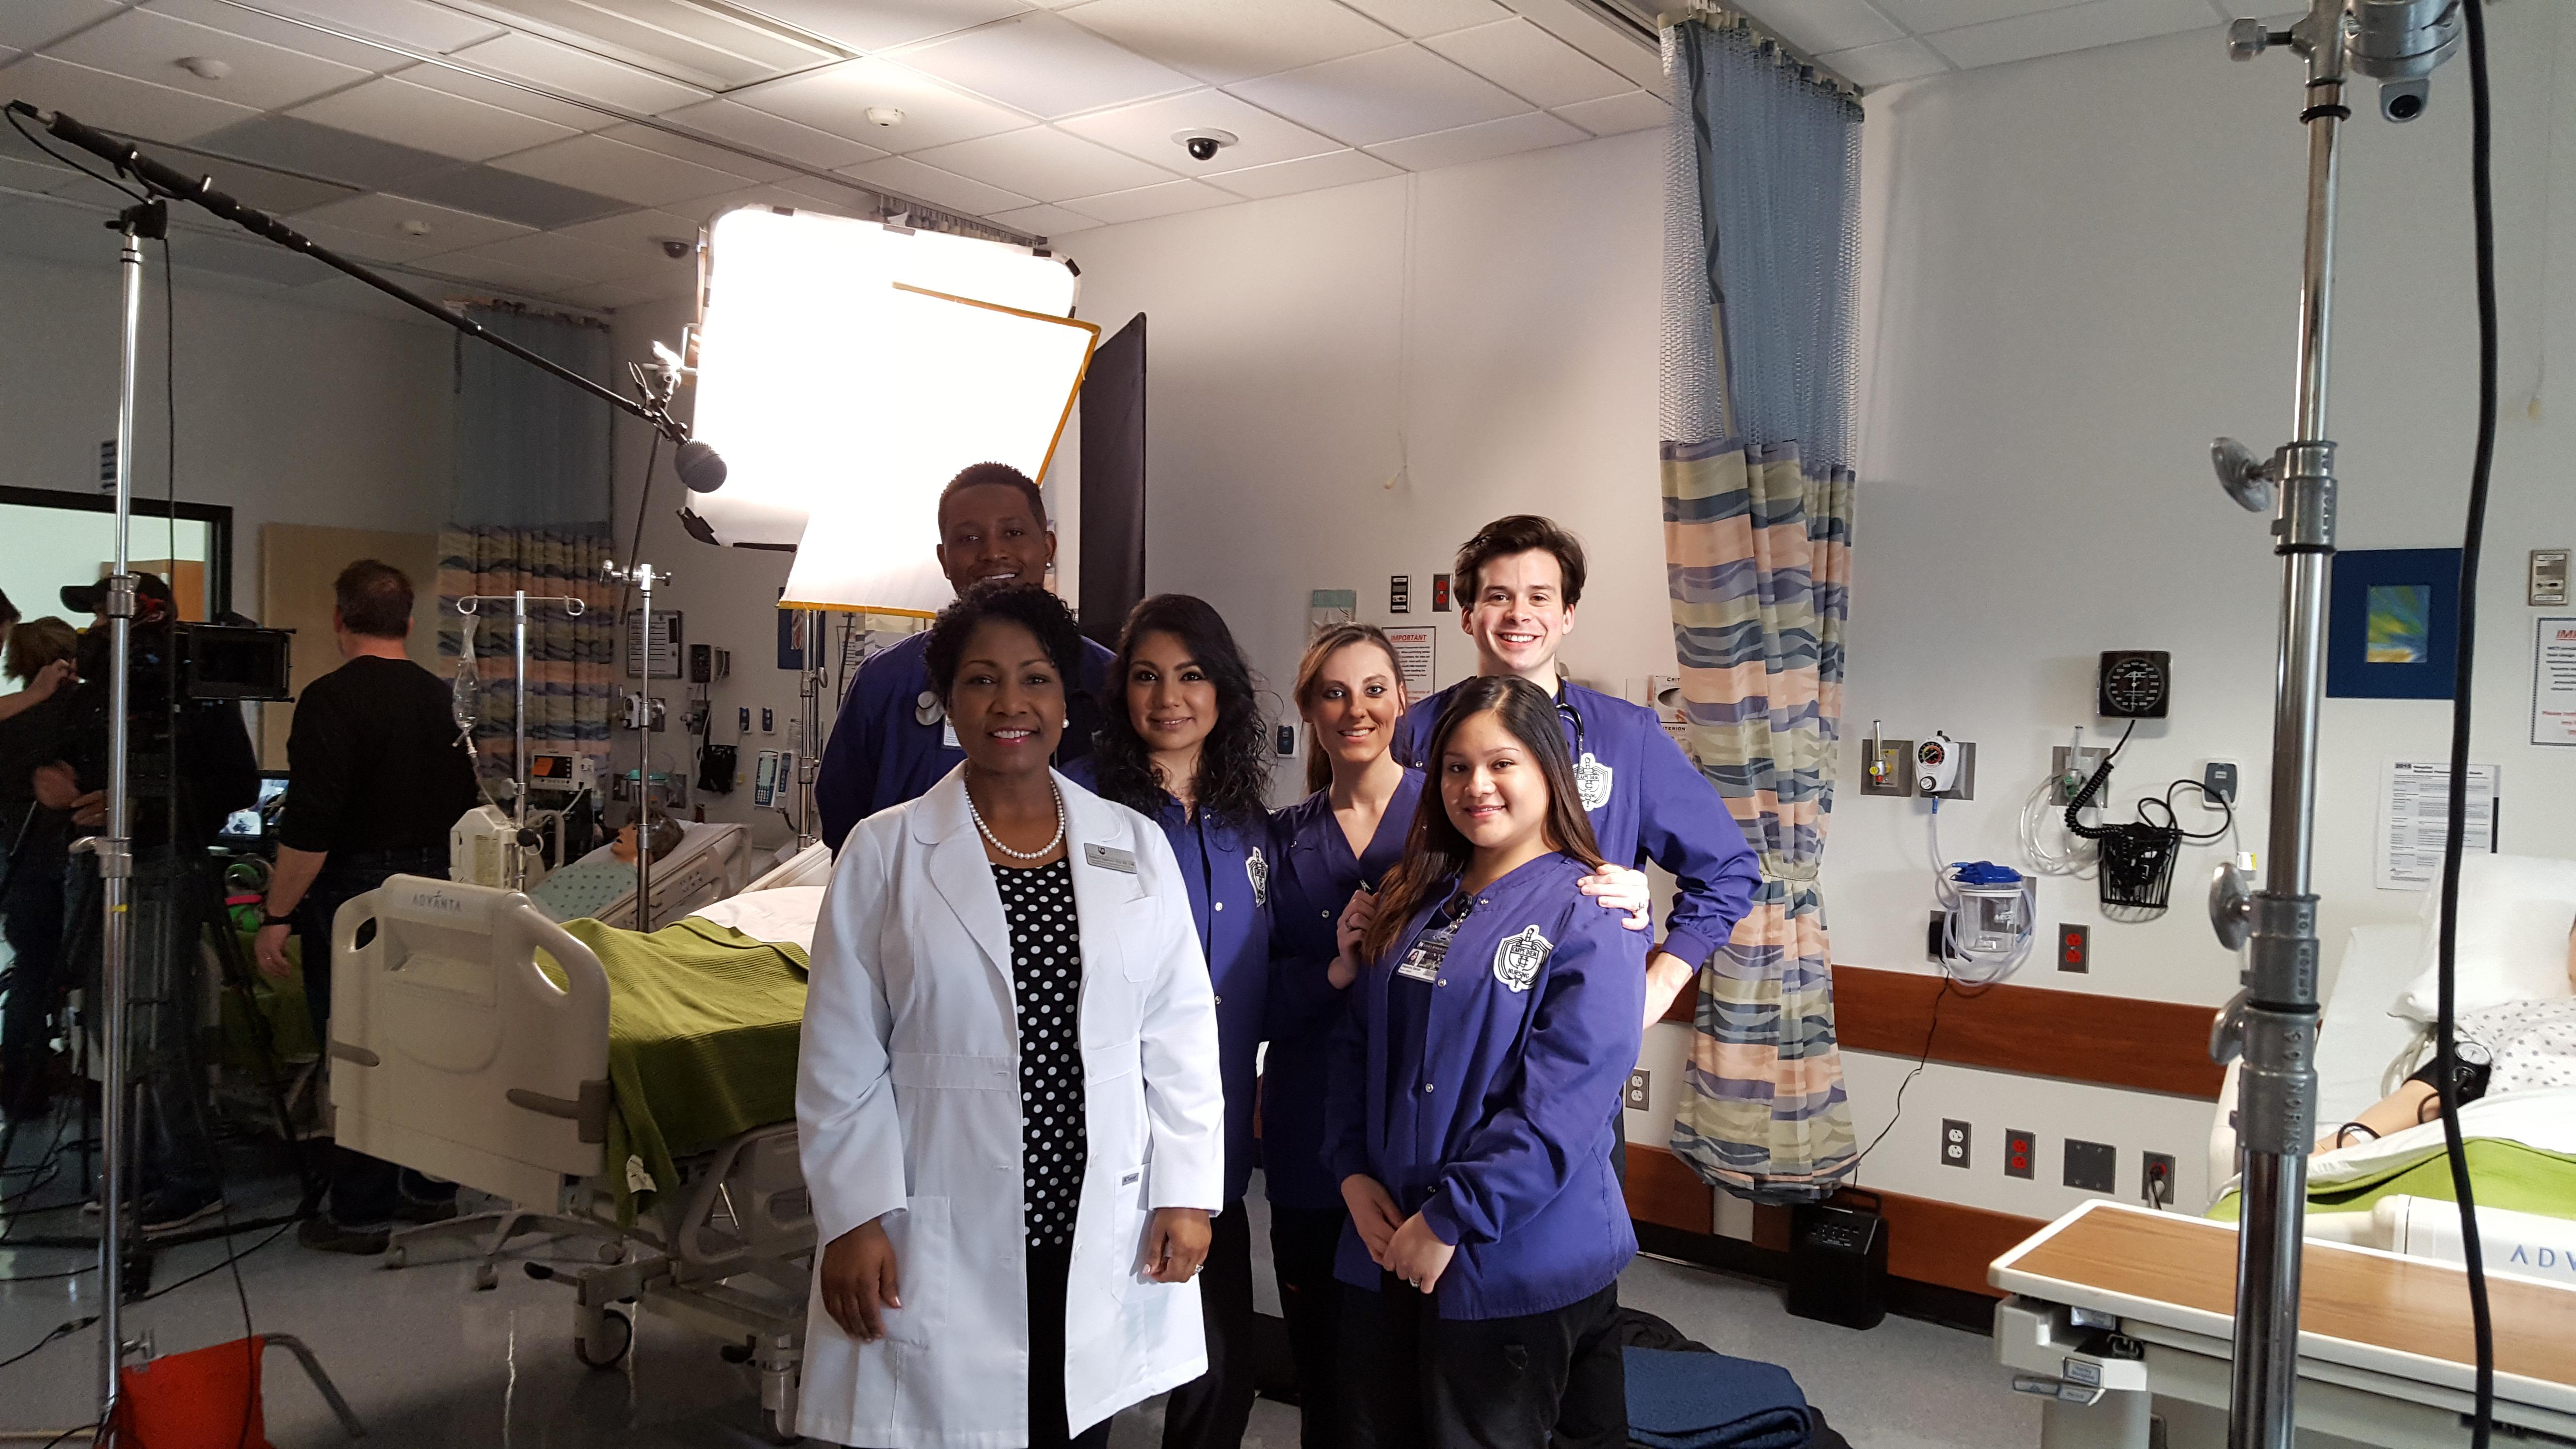 nursing filming behind the scenes look jjc commercial